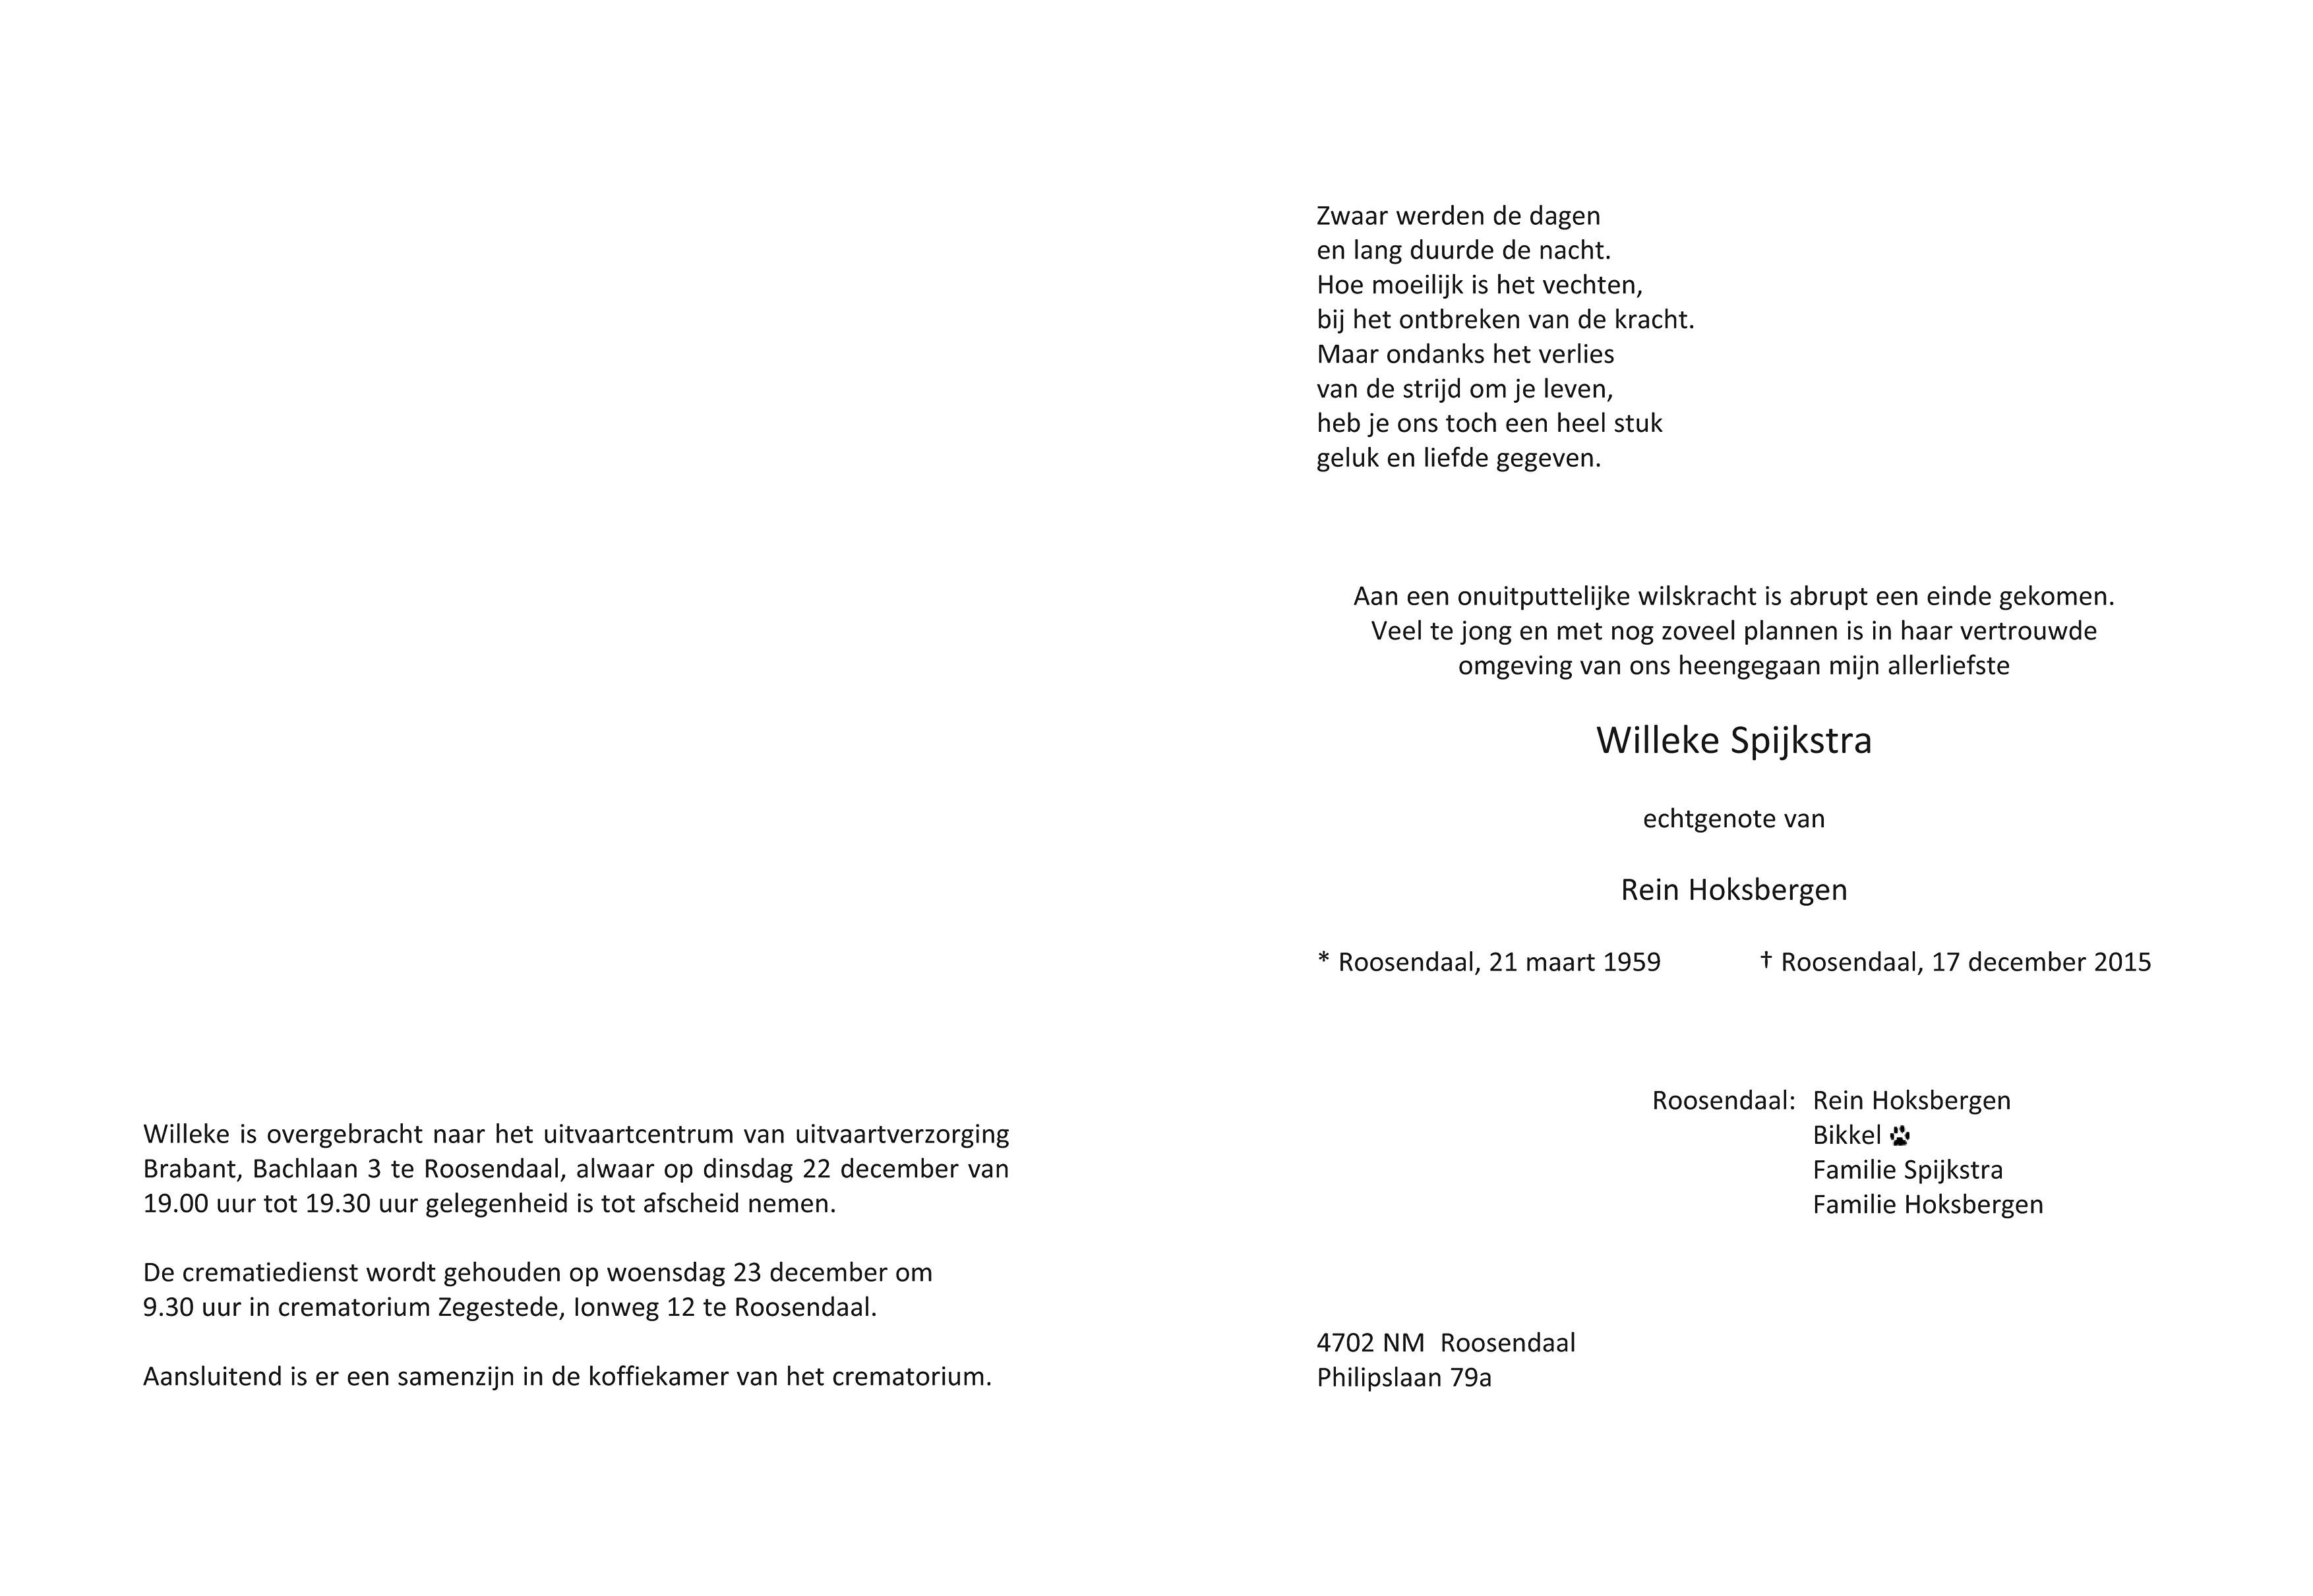 Willeke Spijkstra Death notice